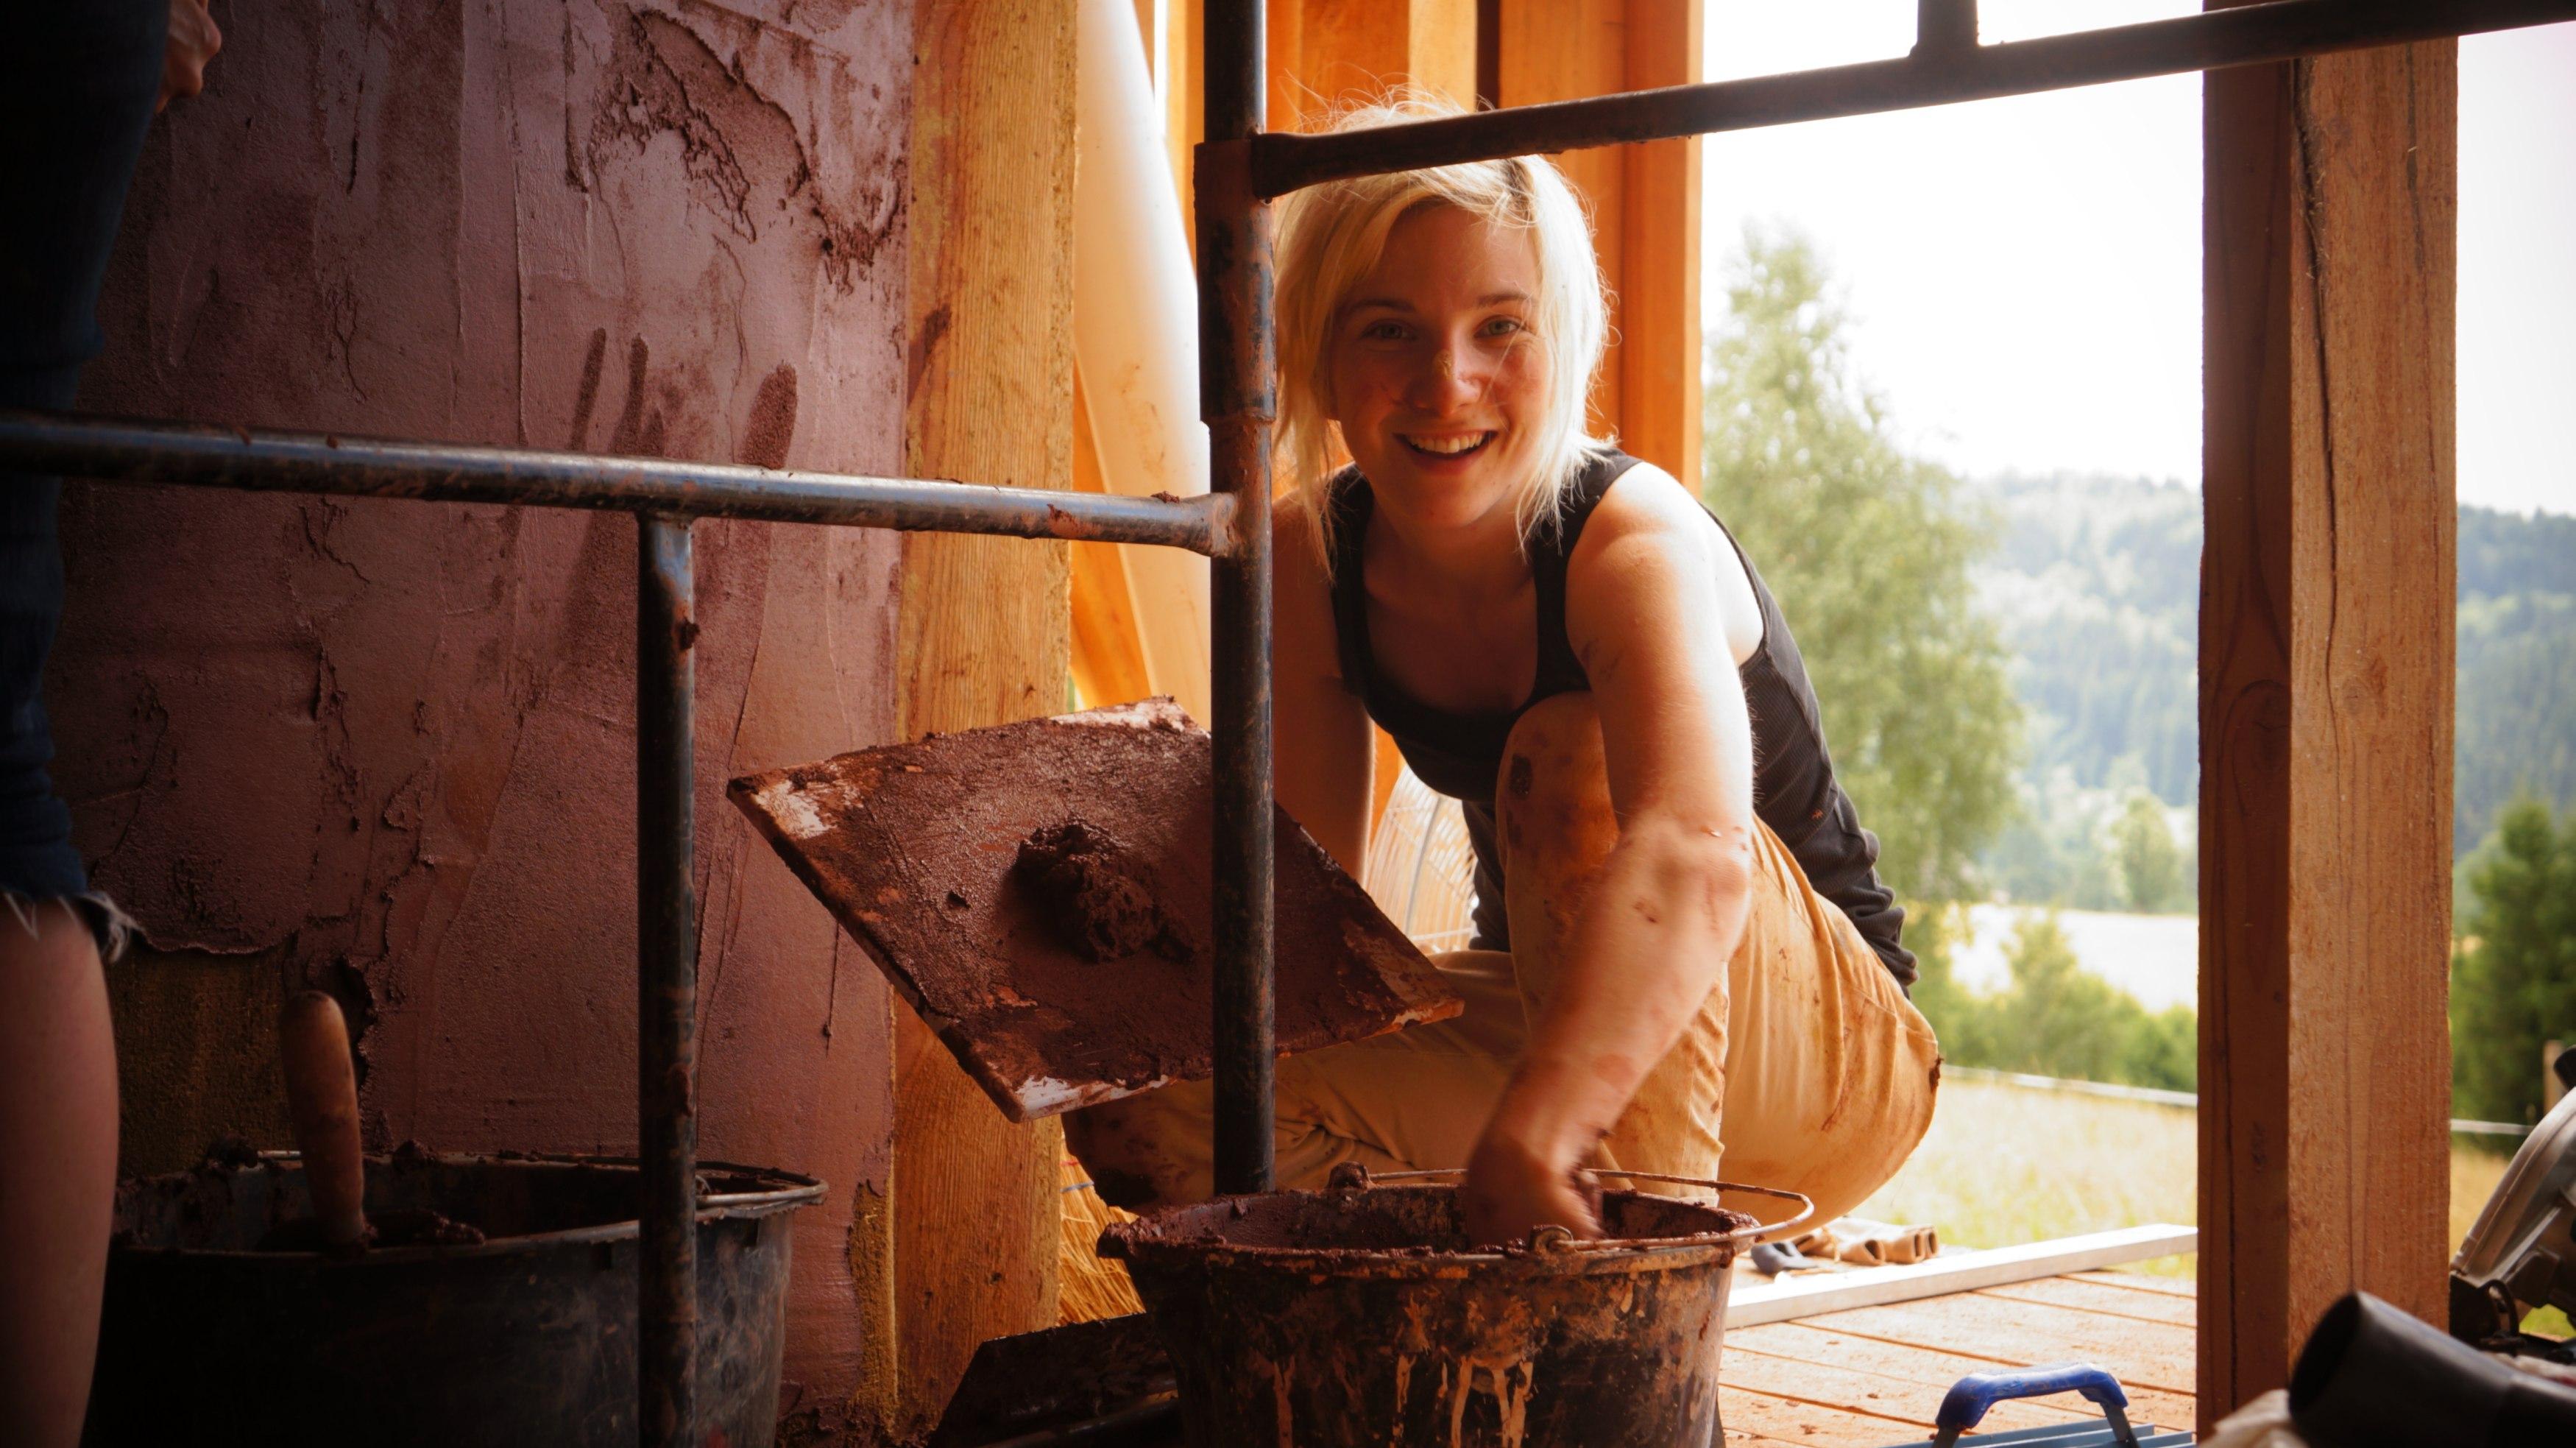 Tynk gliniany sprawia, że wewnątrz domu tworzy się mikroklimat (fot. materiały prasowe)